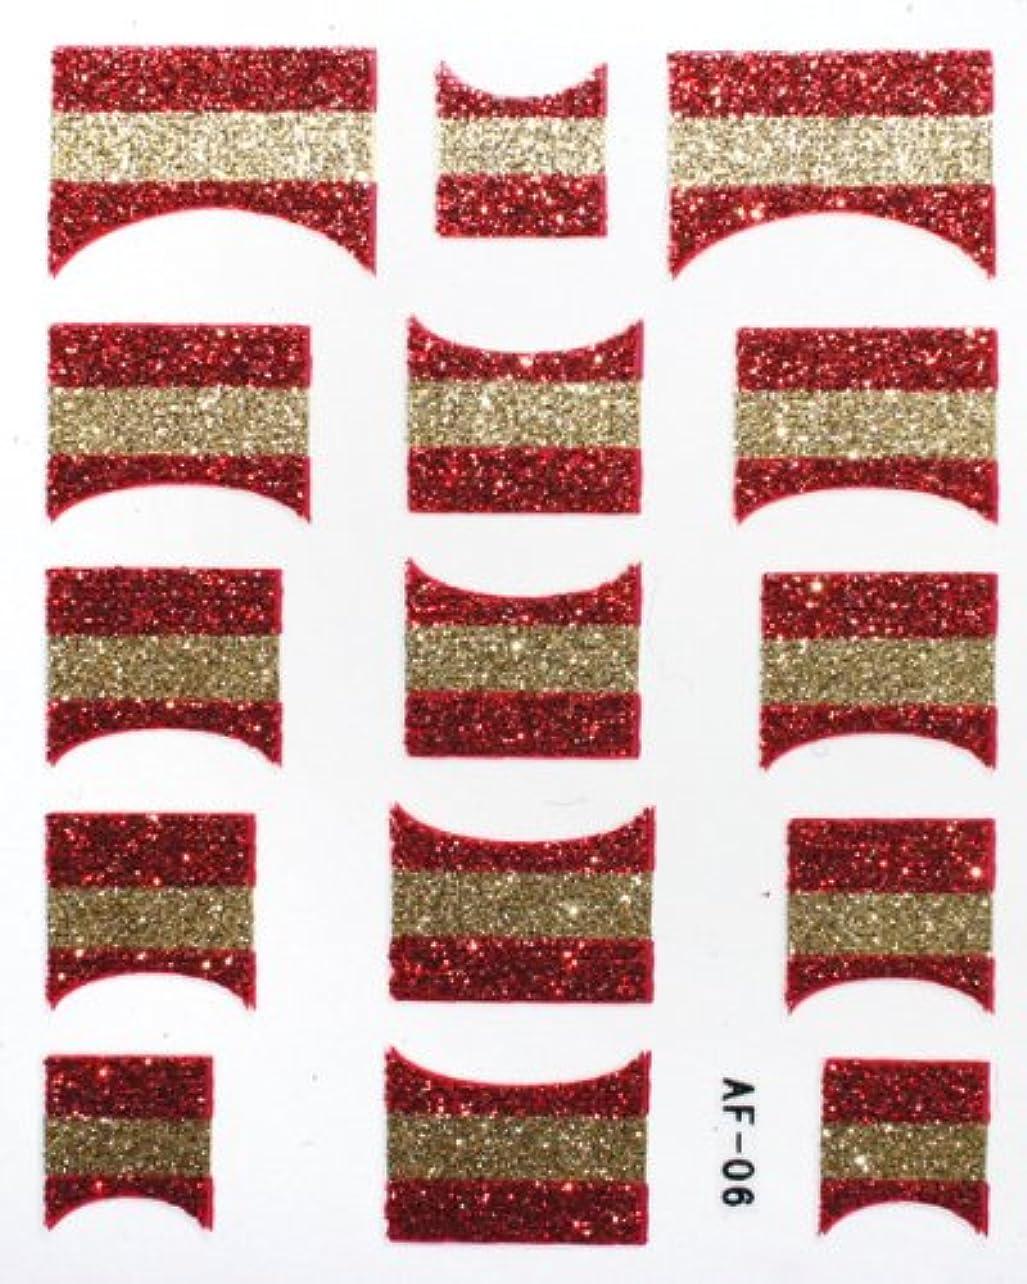 妻平衡ワックスきらきら逆フレンチネイルシール スペイン国旗 AF06 貼るだけ ジェルネイルアート